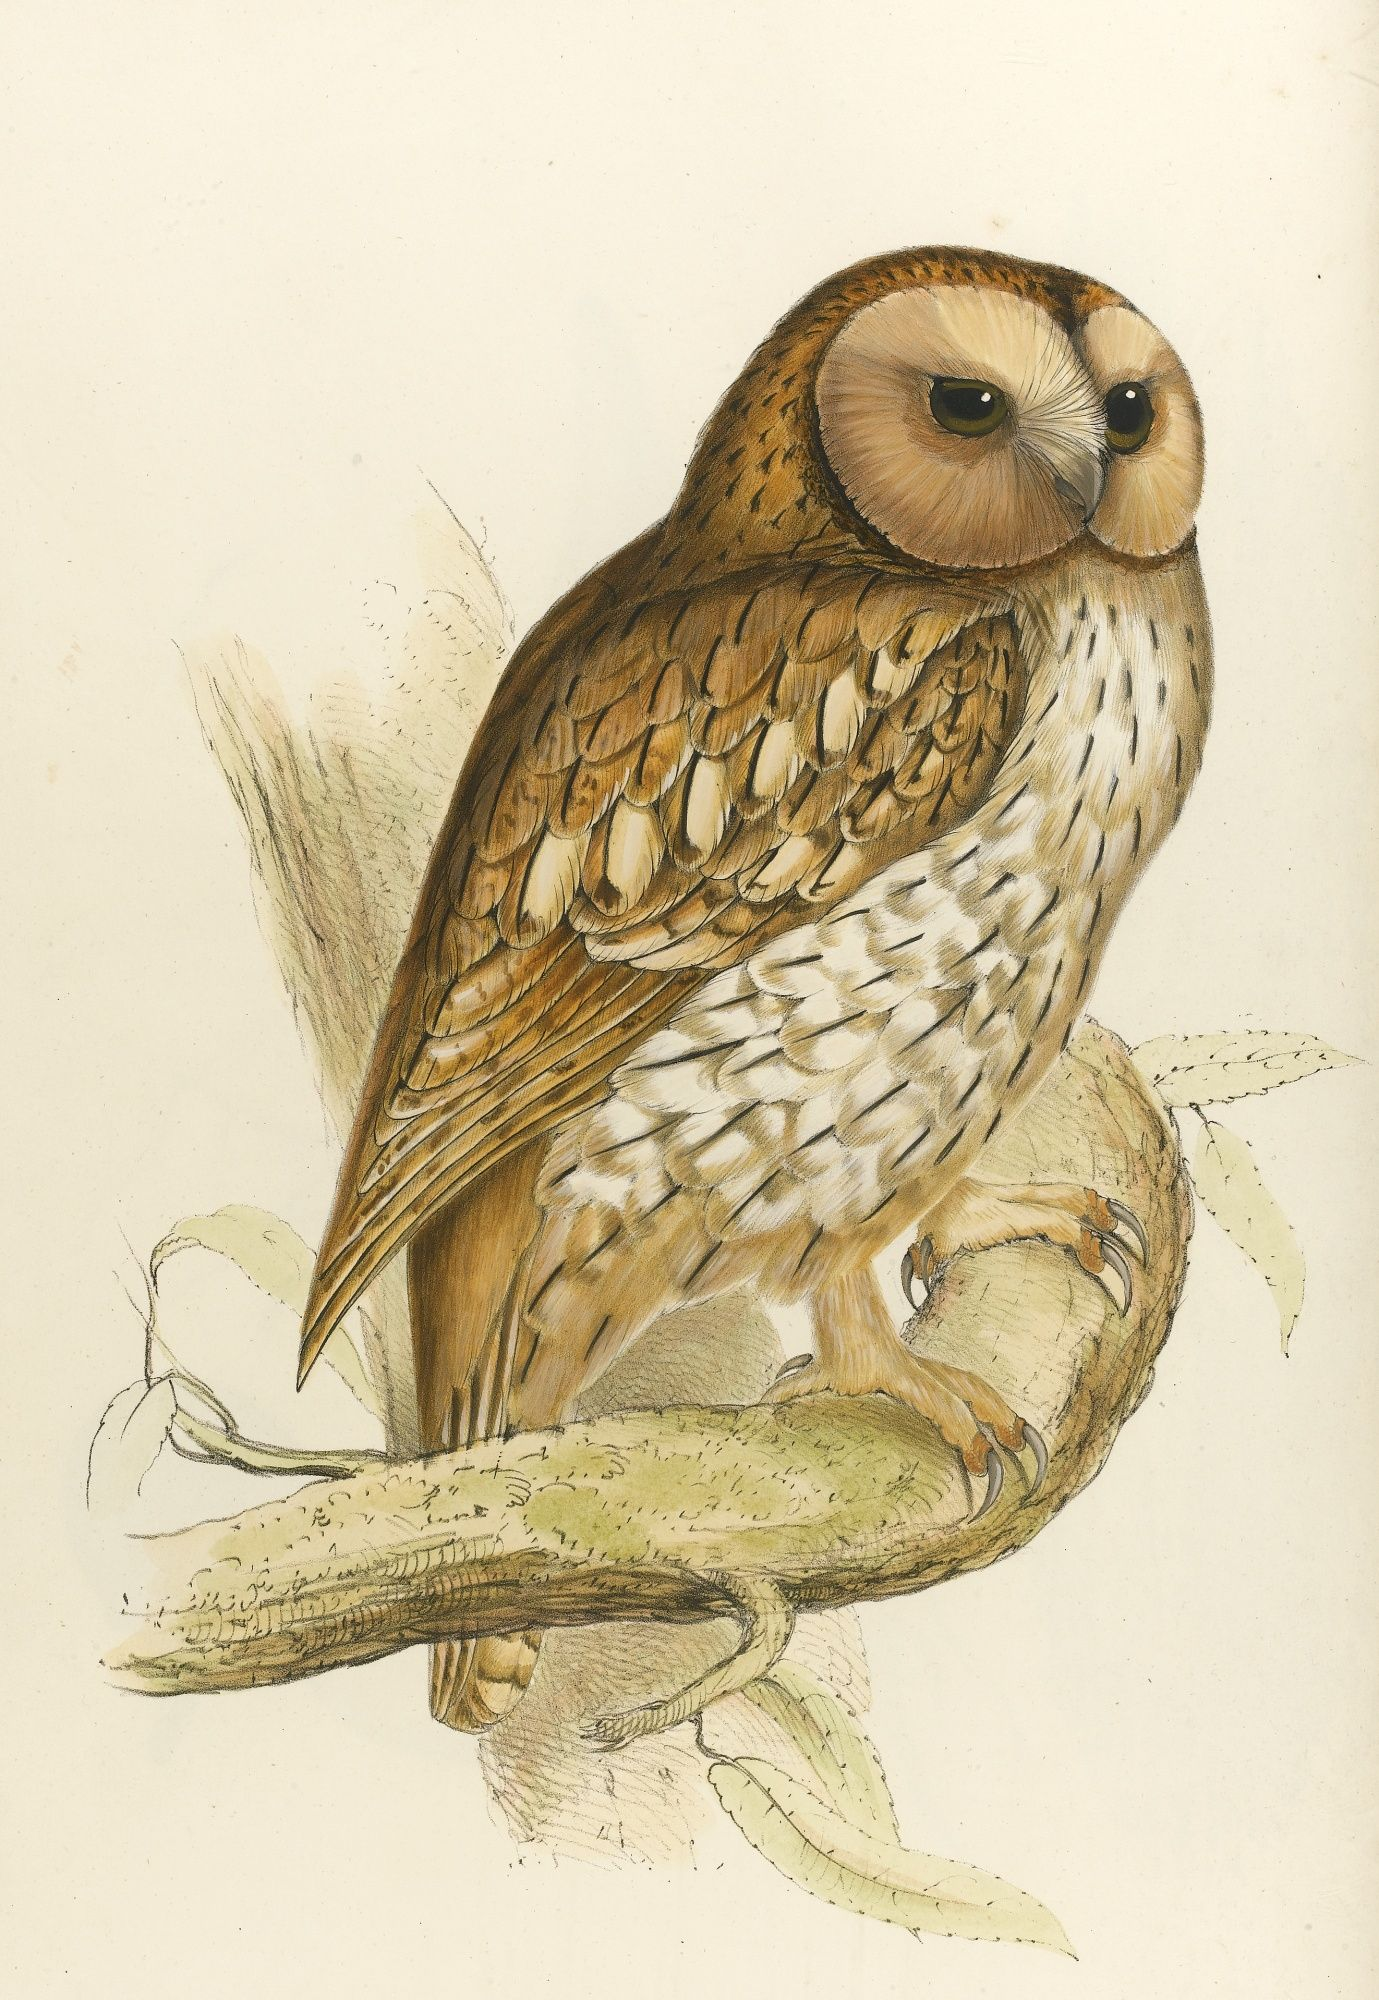 Vintage Owl Illustration From John Gould Owl Images Vintage Owl Owl Illustration